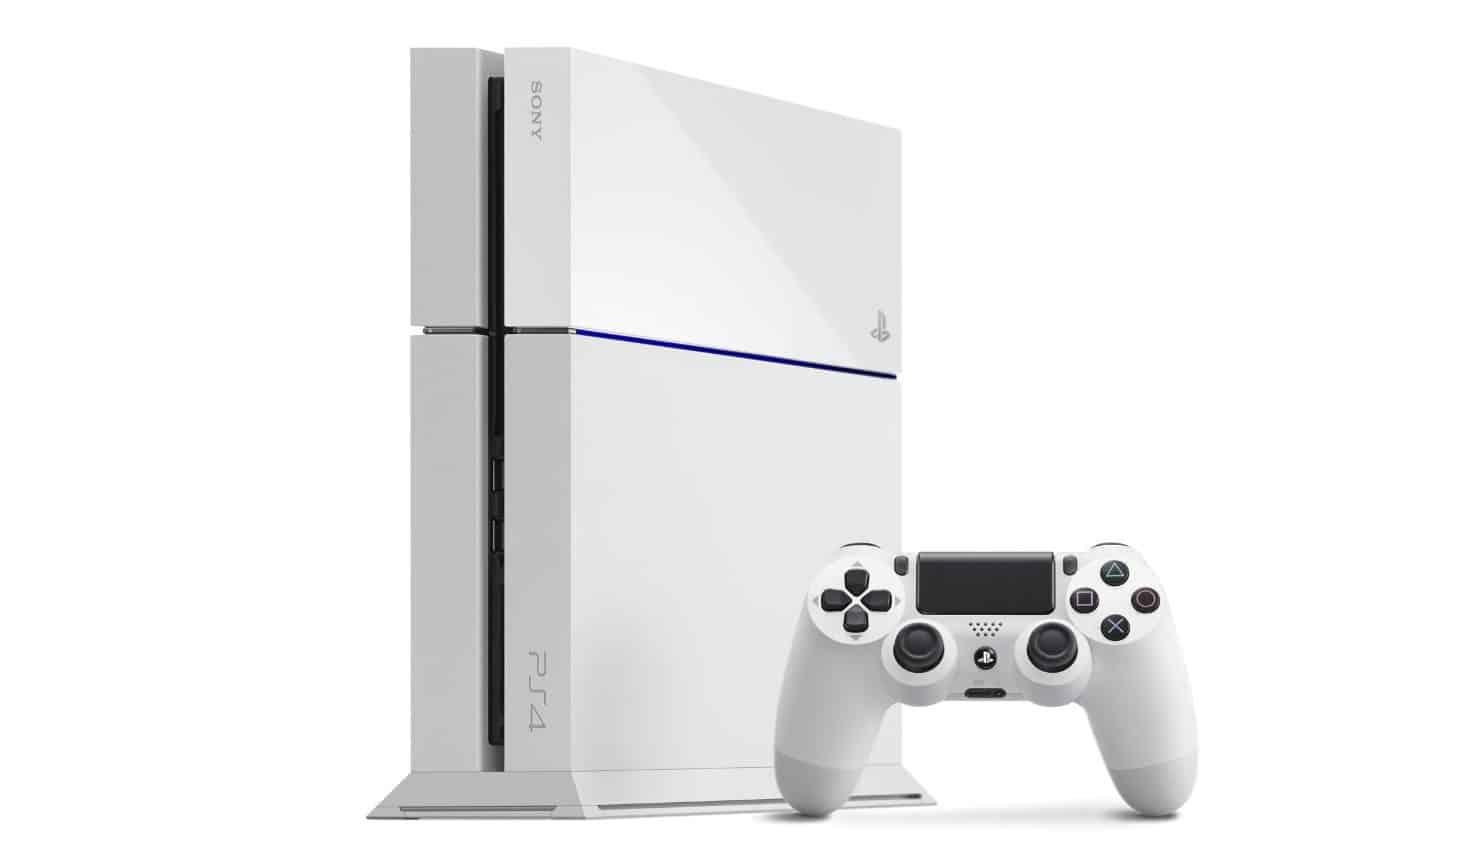 Sony anuncia Playstation 4 Slim branco na Europa e Japão